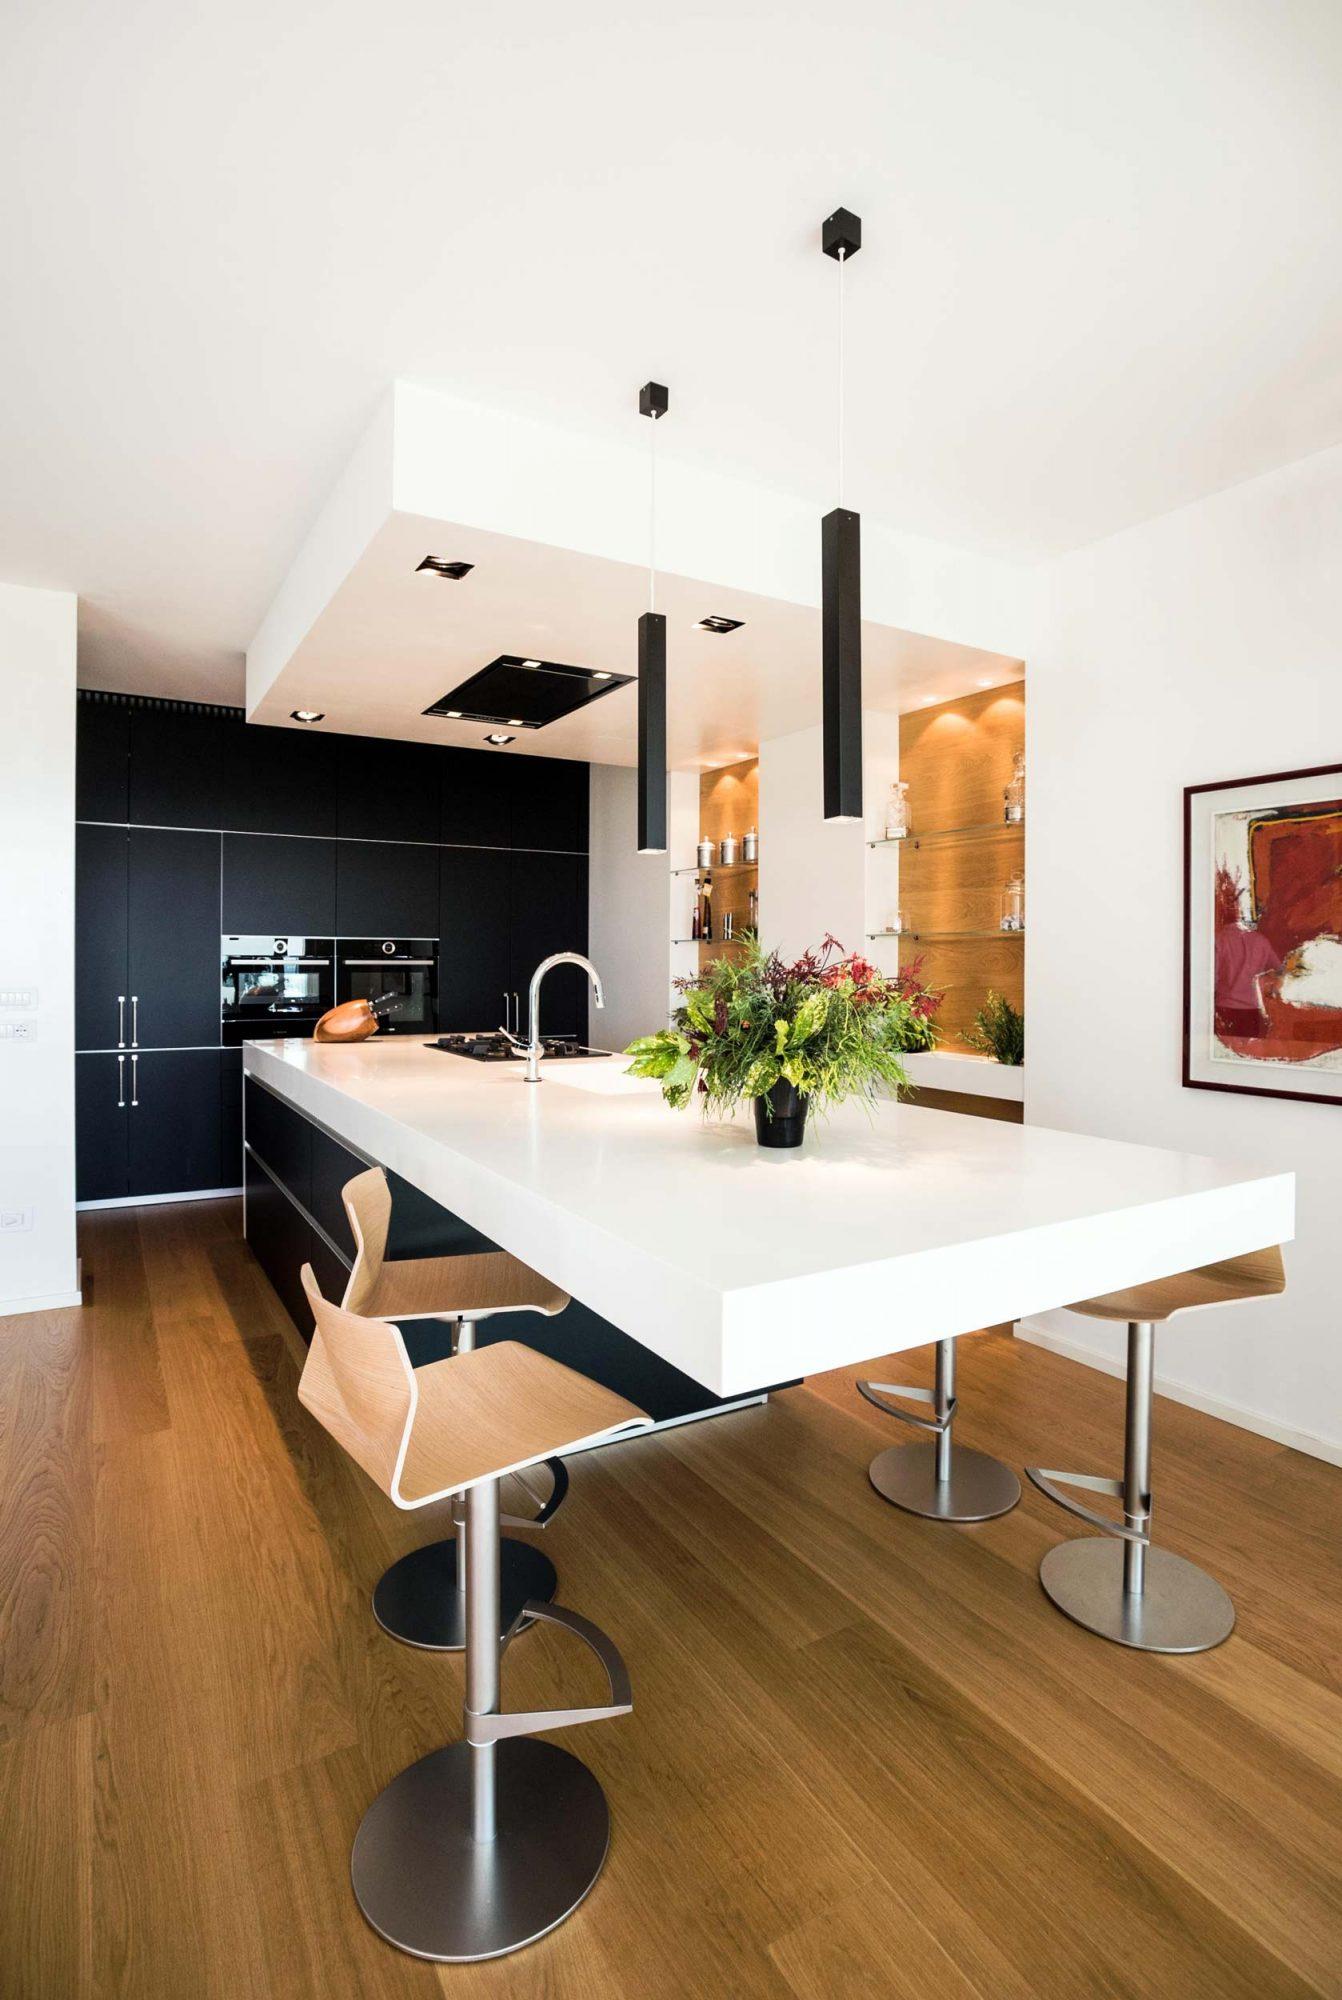 Progetto Concept House Semplicita E Stile 𝐴𝑡𝑚𝑜𝑠𝑓𝑒𝑟𝑎